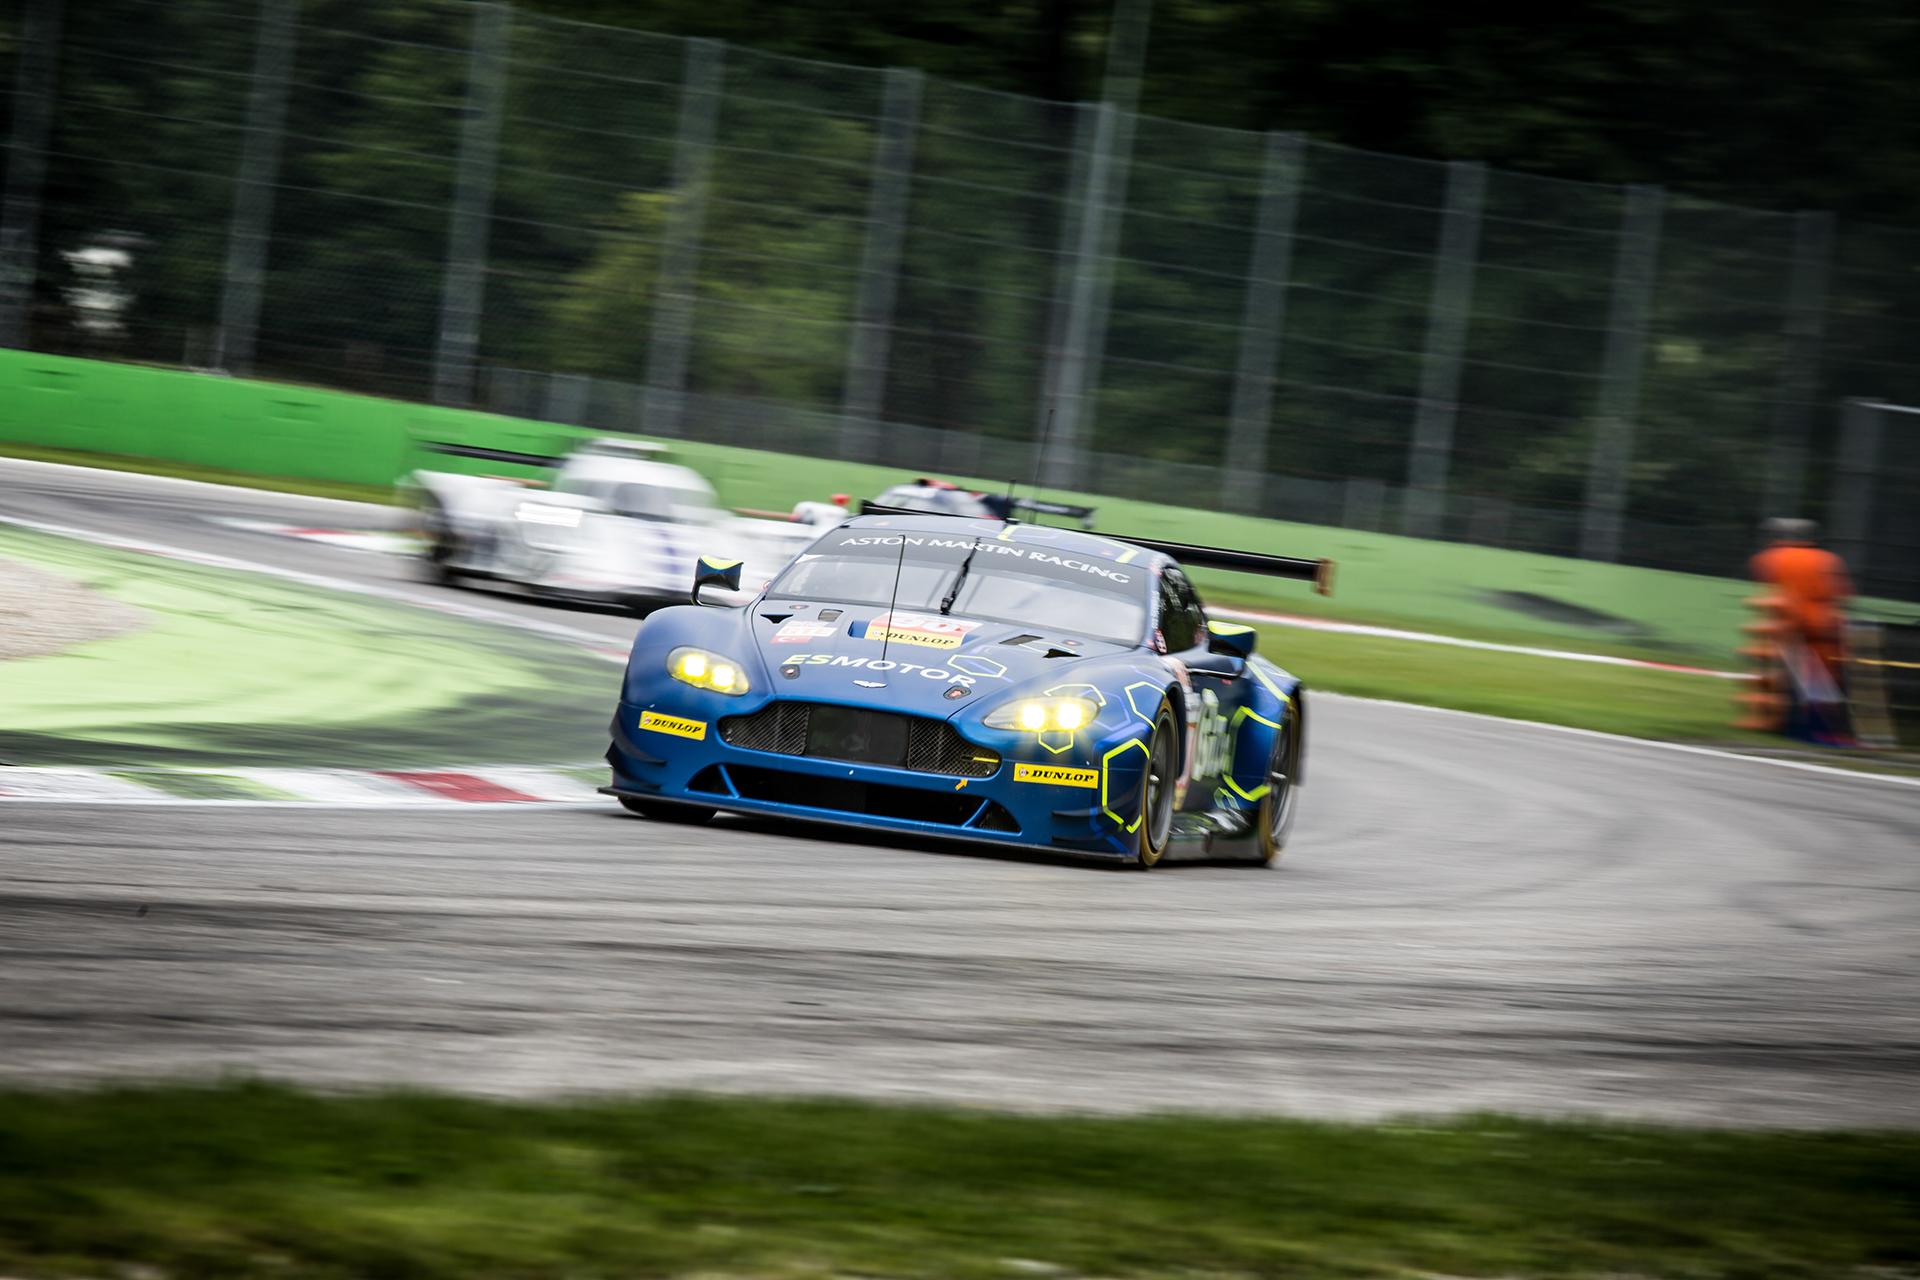 2017-ELMS-4Hrs-Monza-55953.jpg